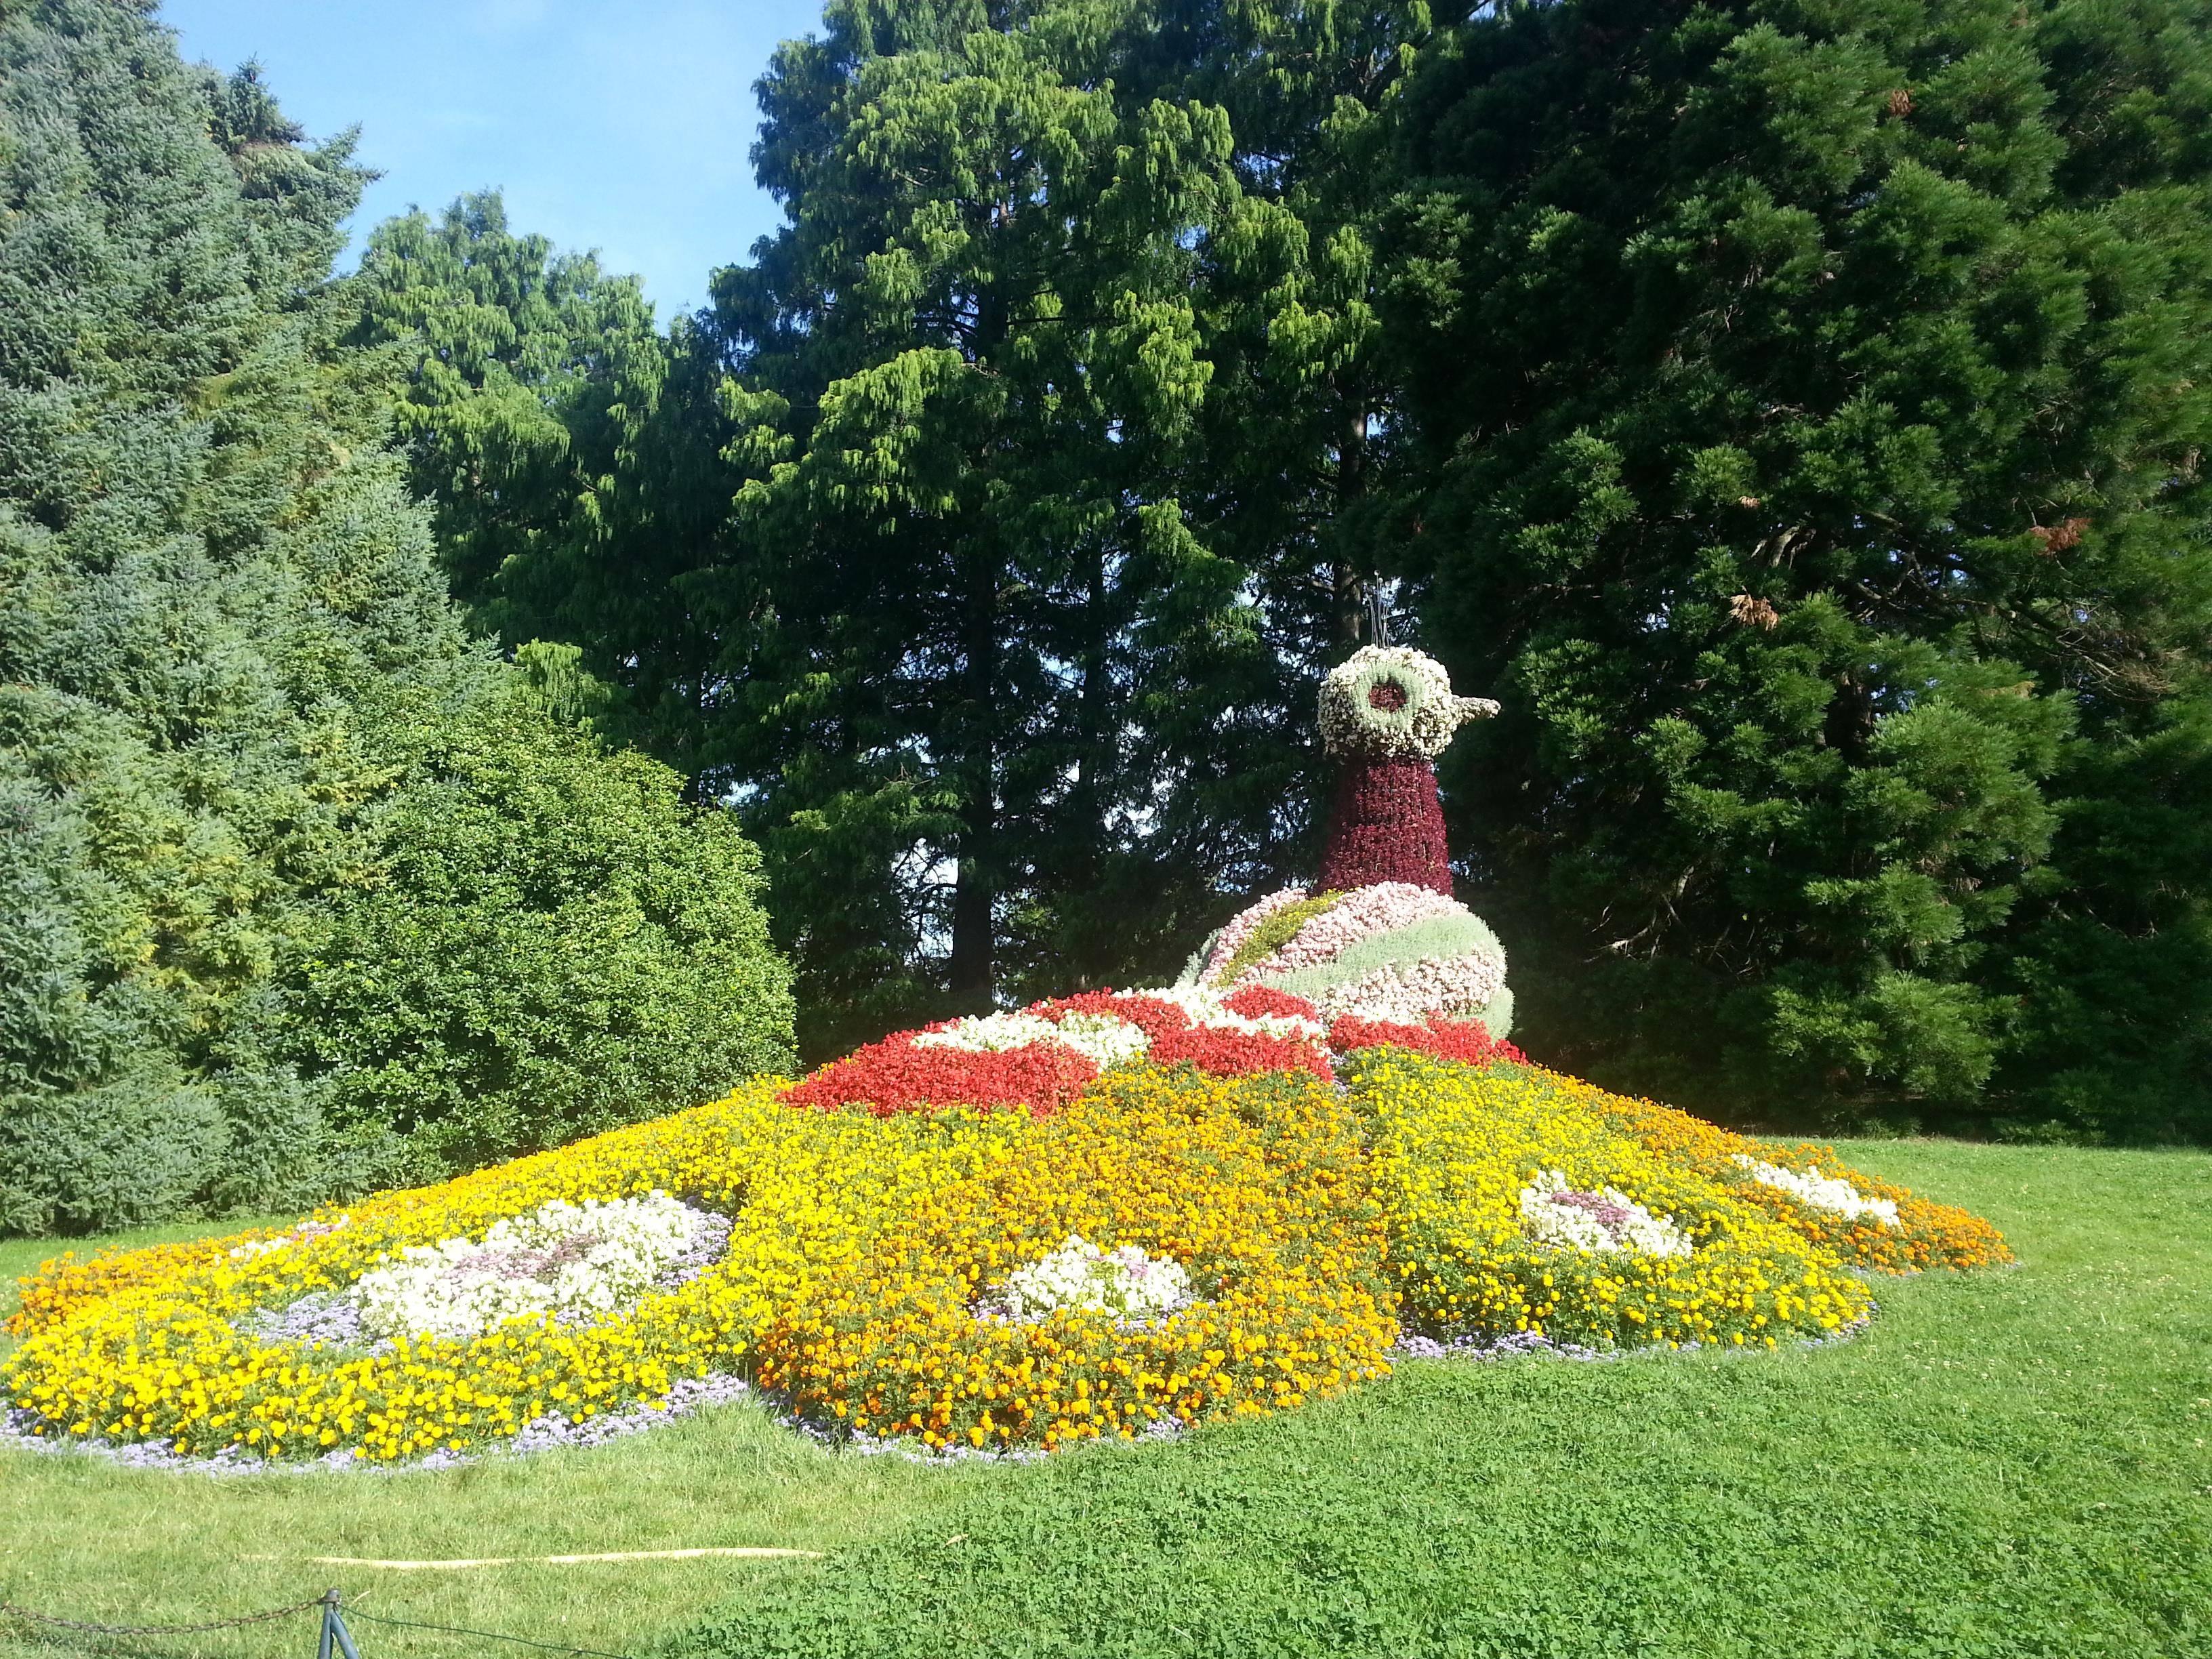 Остров майнау (mainau): цветочный оазис в германии - дачник